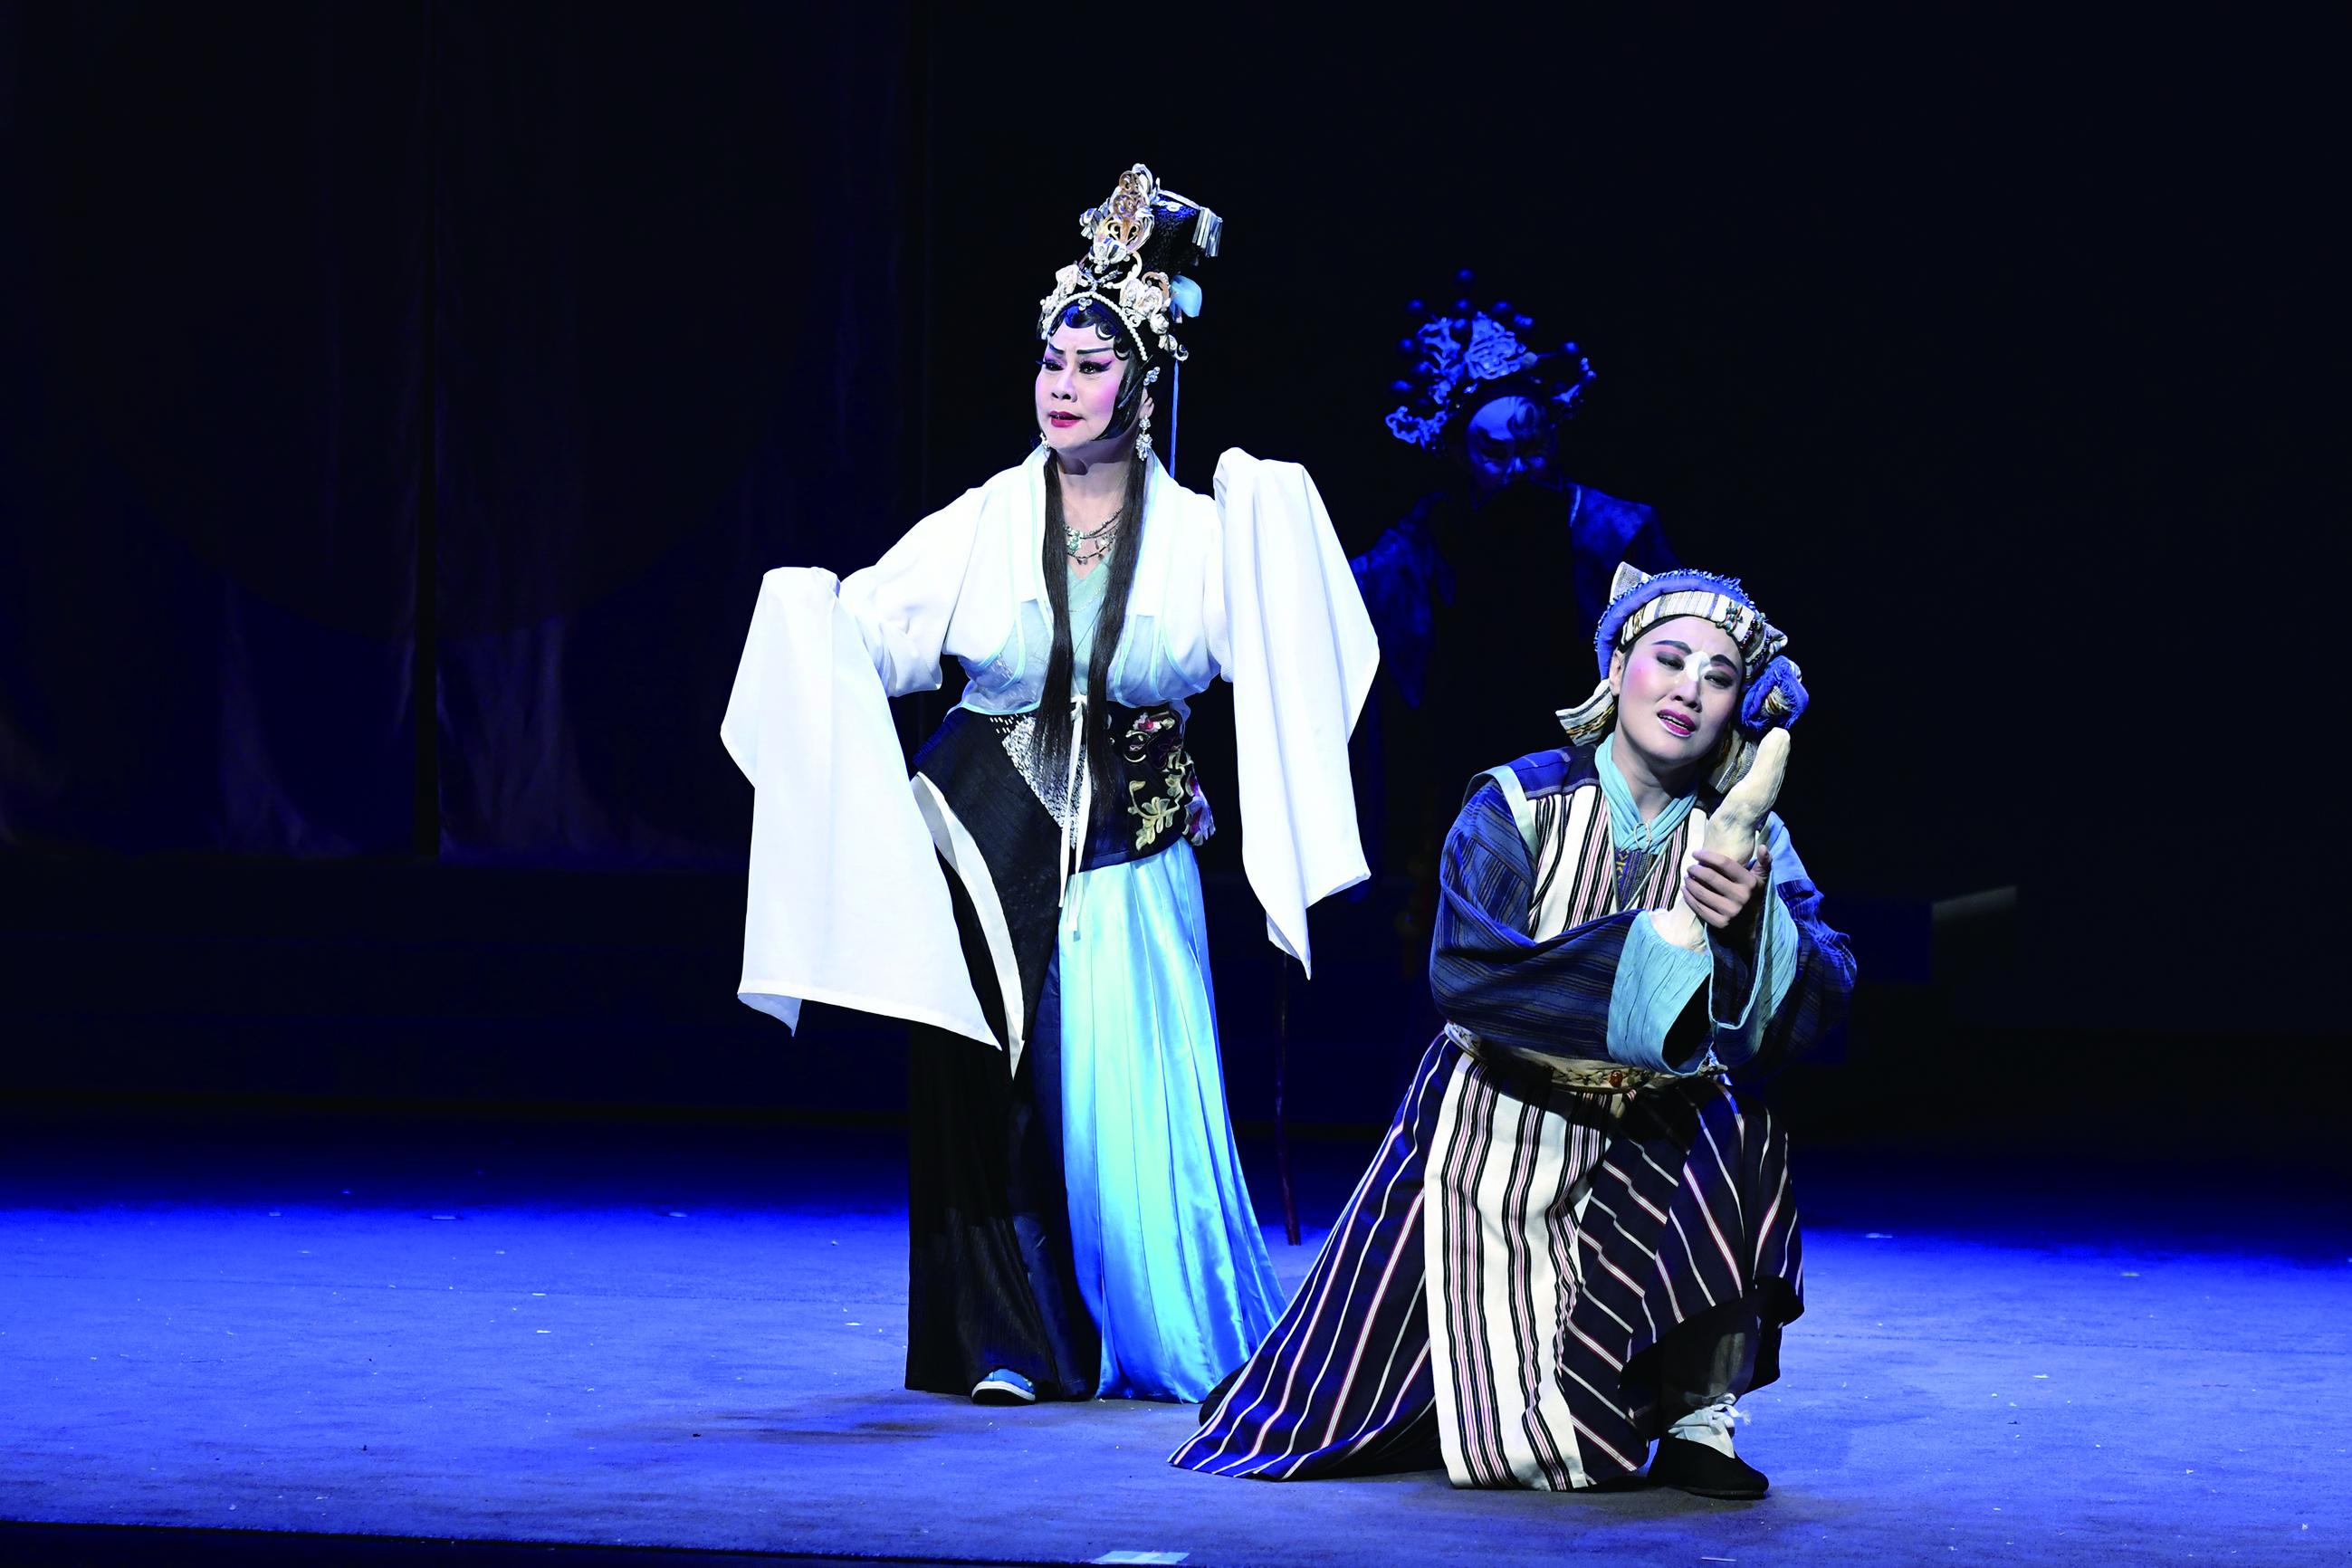 劉建幗為臺灣豫劇團編劇《觀音》,劇中飾演女塑像師的王海玲與大女兒劉建華(飾蒼瓦)在劇中有許多感人演出。.jpg